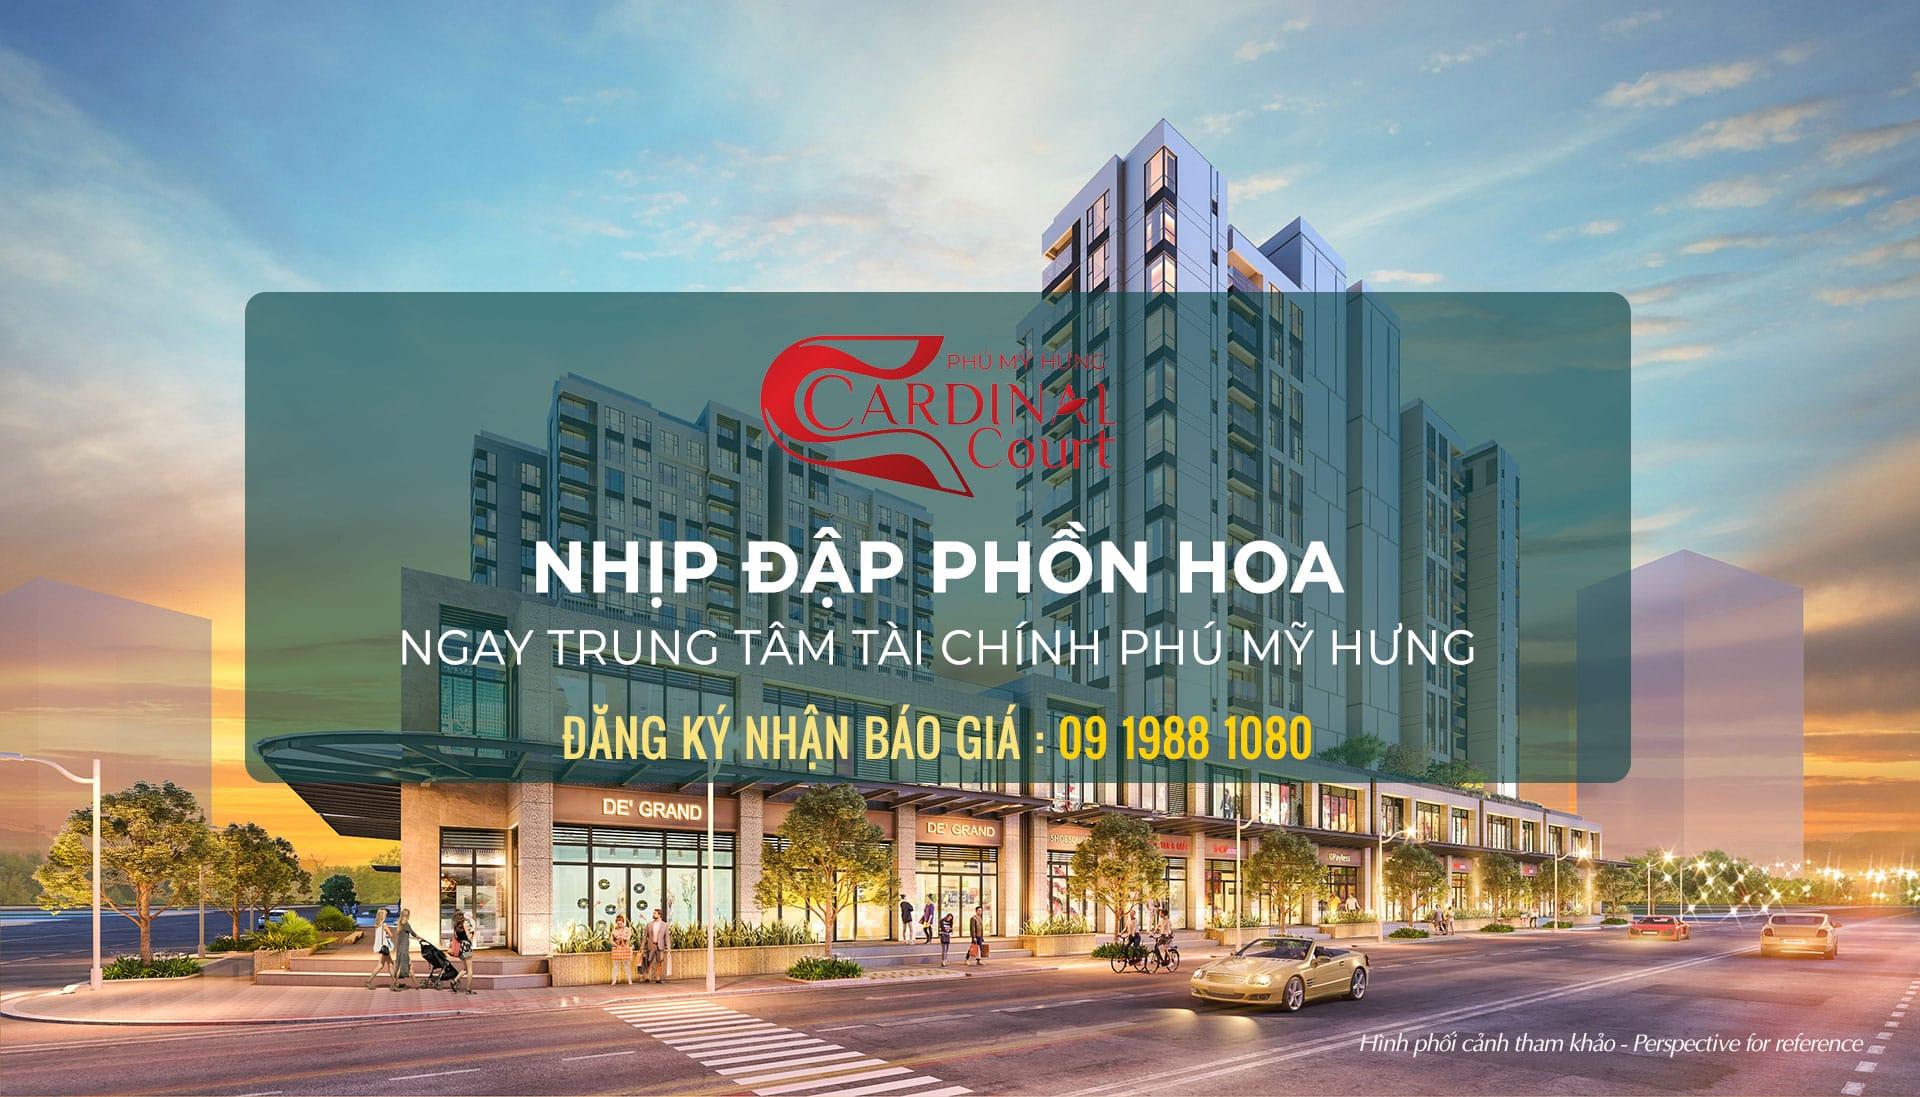 Giá bán Cardinal Court Phú Mỹ Hưng